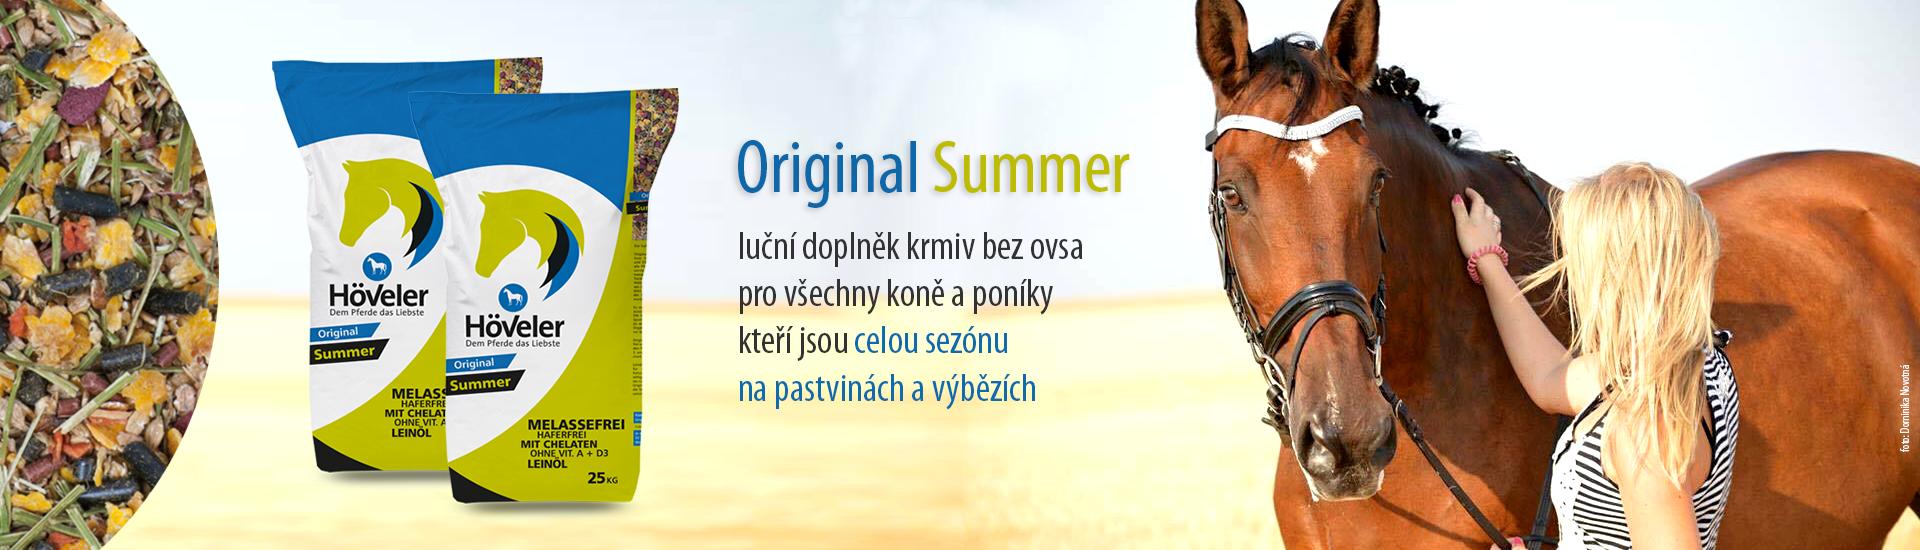 Summer - luční doplněk krmiv bez ovsa  pro všechny koně a poníky kteří jsou celou sezónu  na pastvinách a výbězích